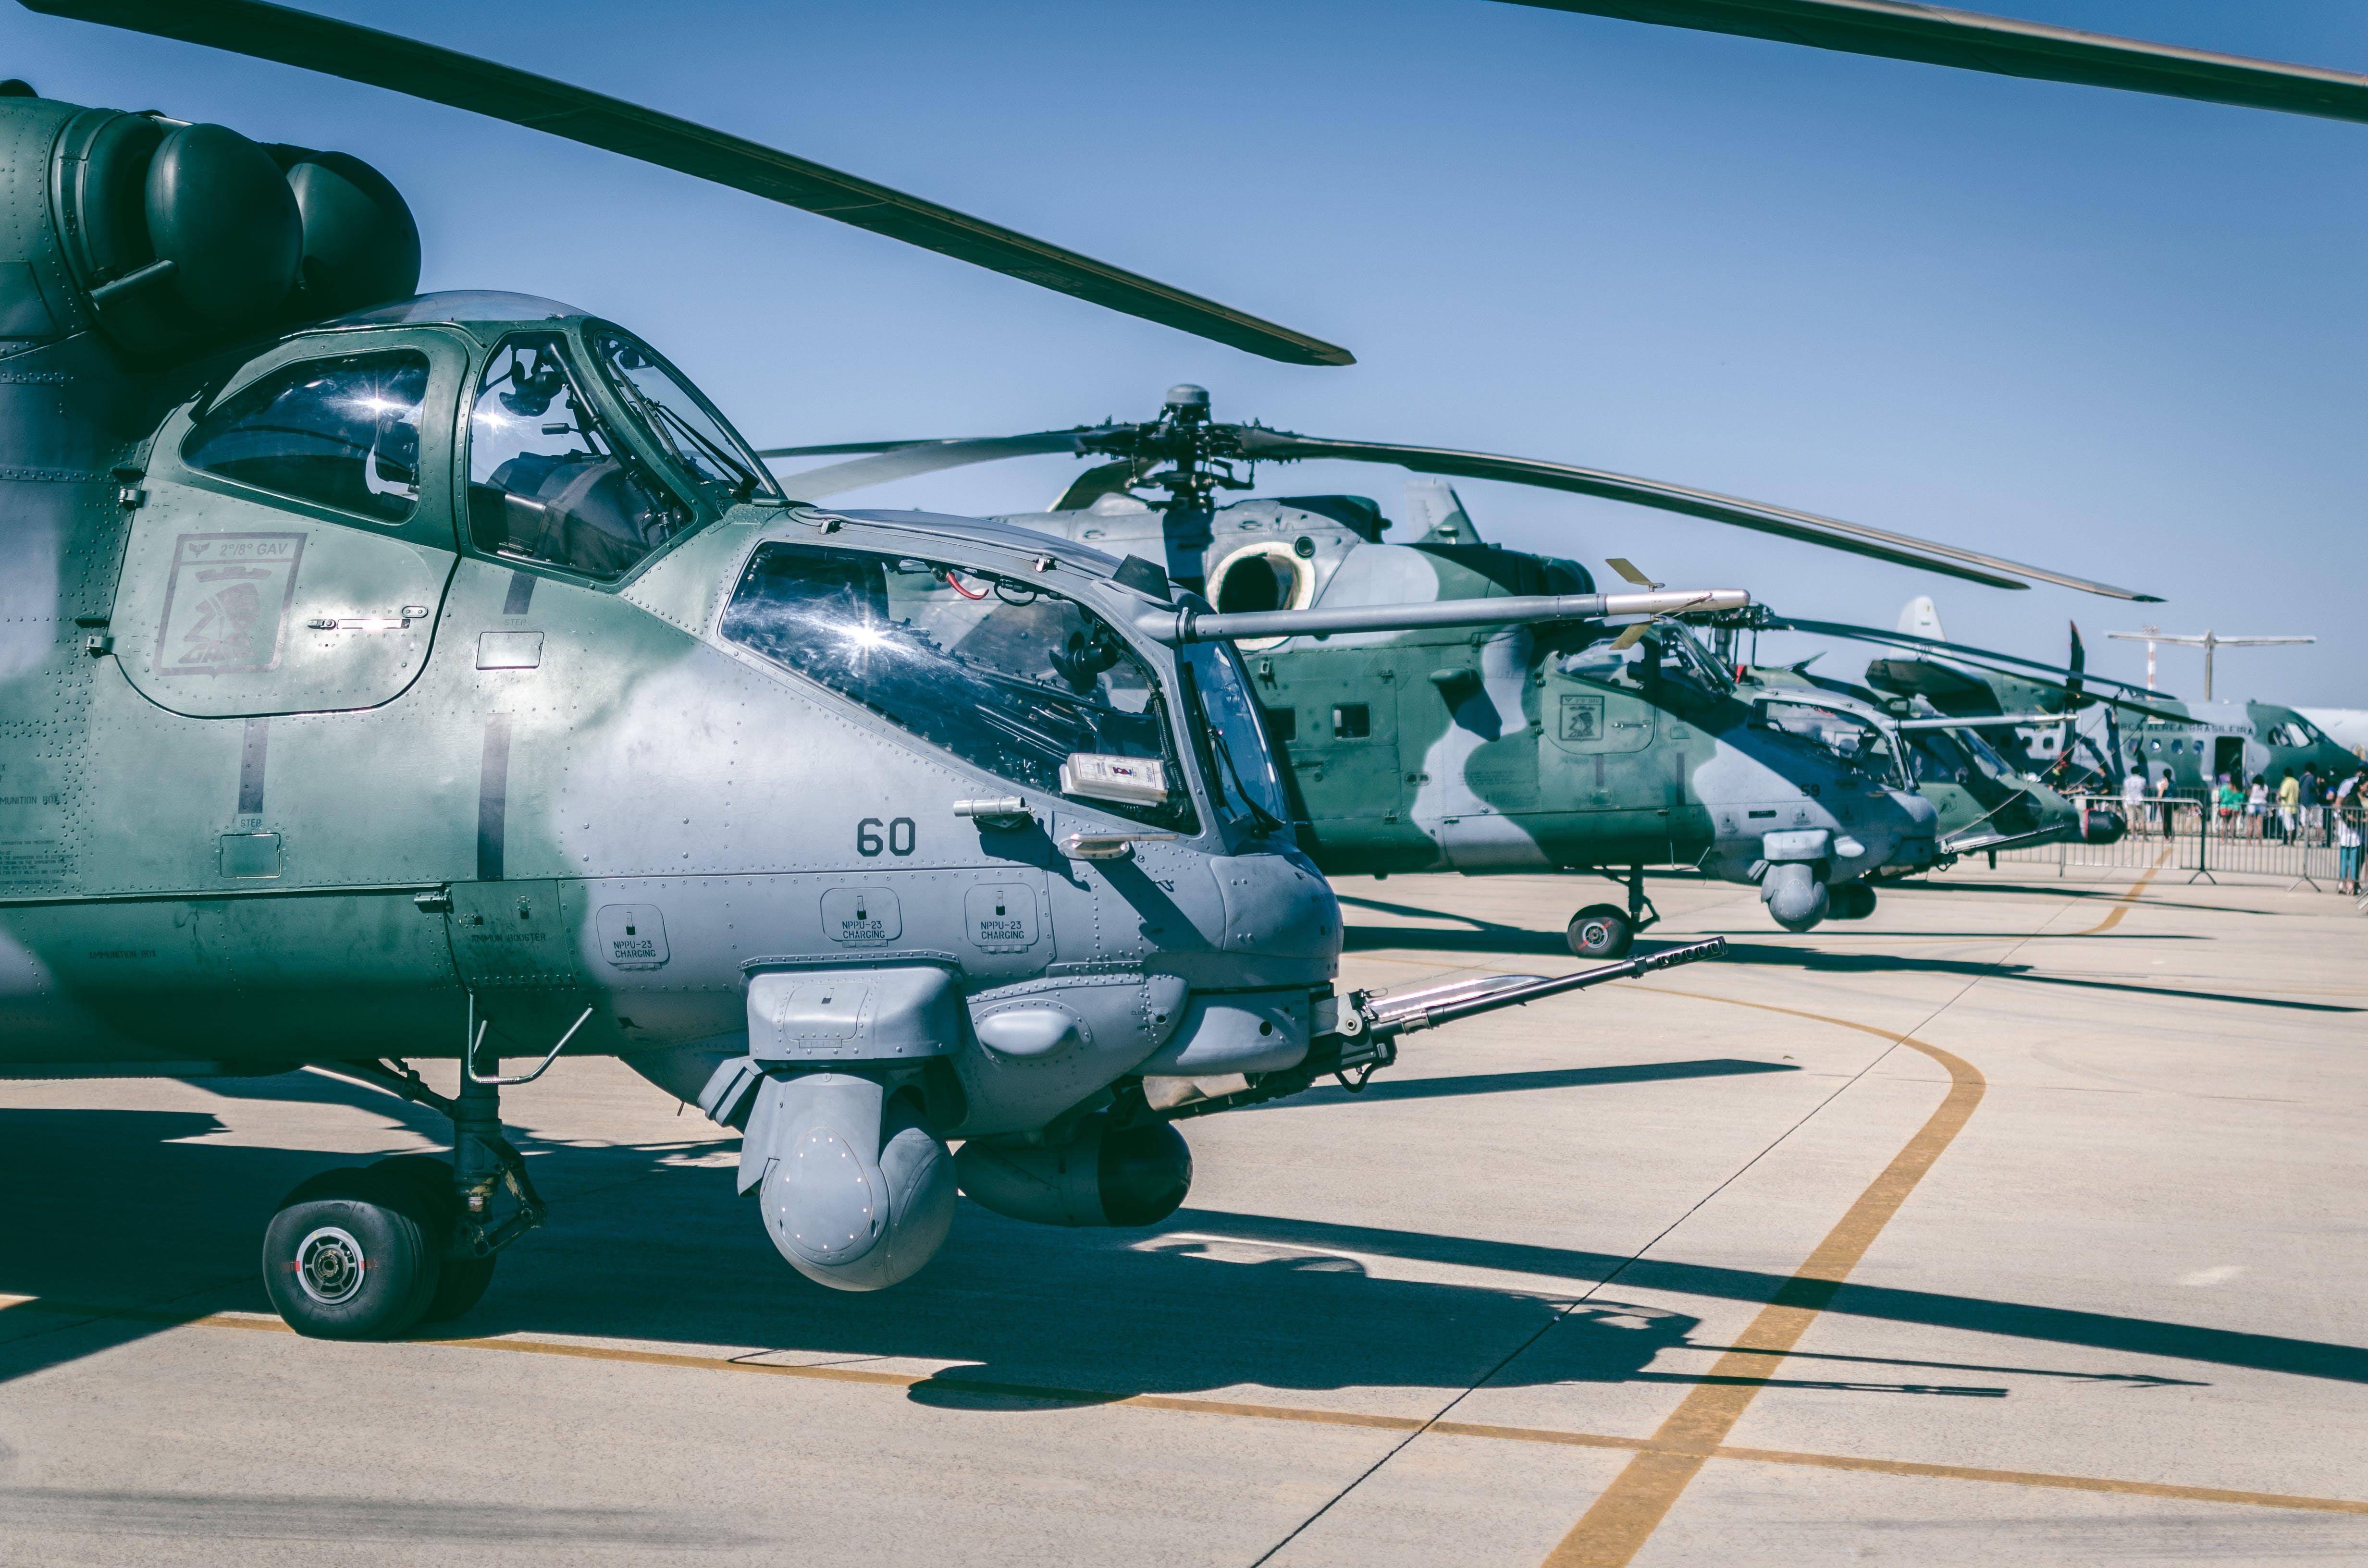 Безкоштовне стокове фото на тему «Авіація, Військова авіація, військово-повітряні сили, літальний апарат»